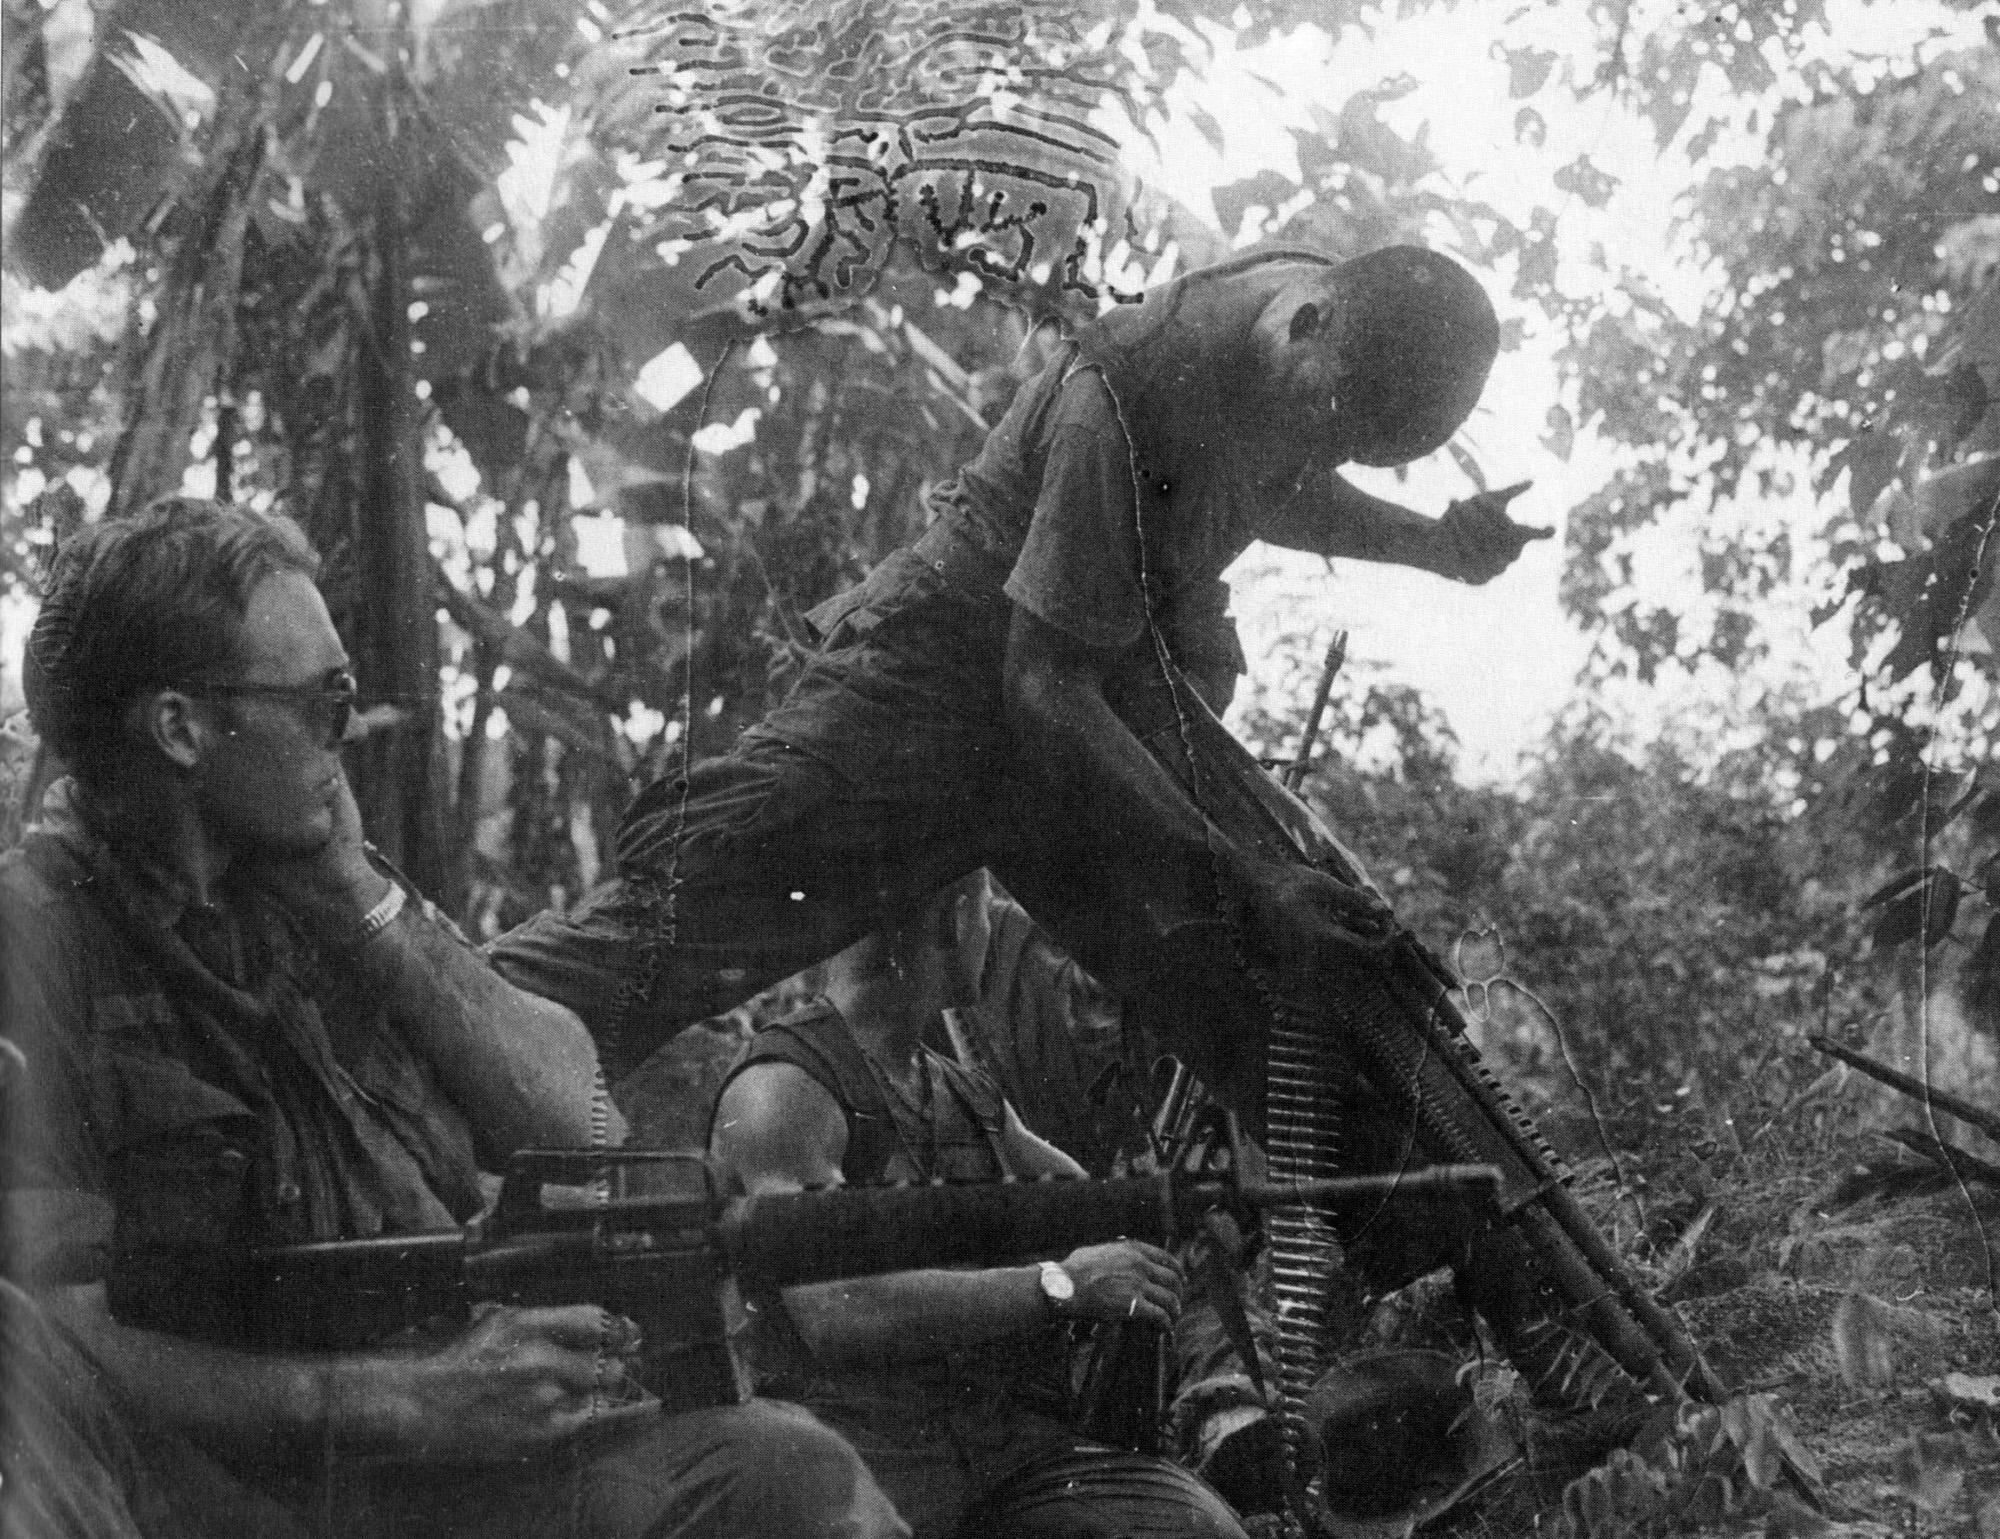 A második fotó közvetlenül azután készült, hogy a géppuskást találat érte. Pár perccel később a védvonalat lerohanta az ellenség és menekülniük kellett. A fényképész több patakon is átkelt eközben, gépe is elázott, így keresztet vetett a filmtekercsekre, ám a támaszpontra visszatérve előhívta a fotókat és döbbenten látta, hogy néhány vízfoltot leszámítva a felvételeknek semmi baja.